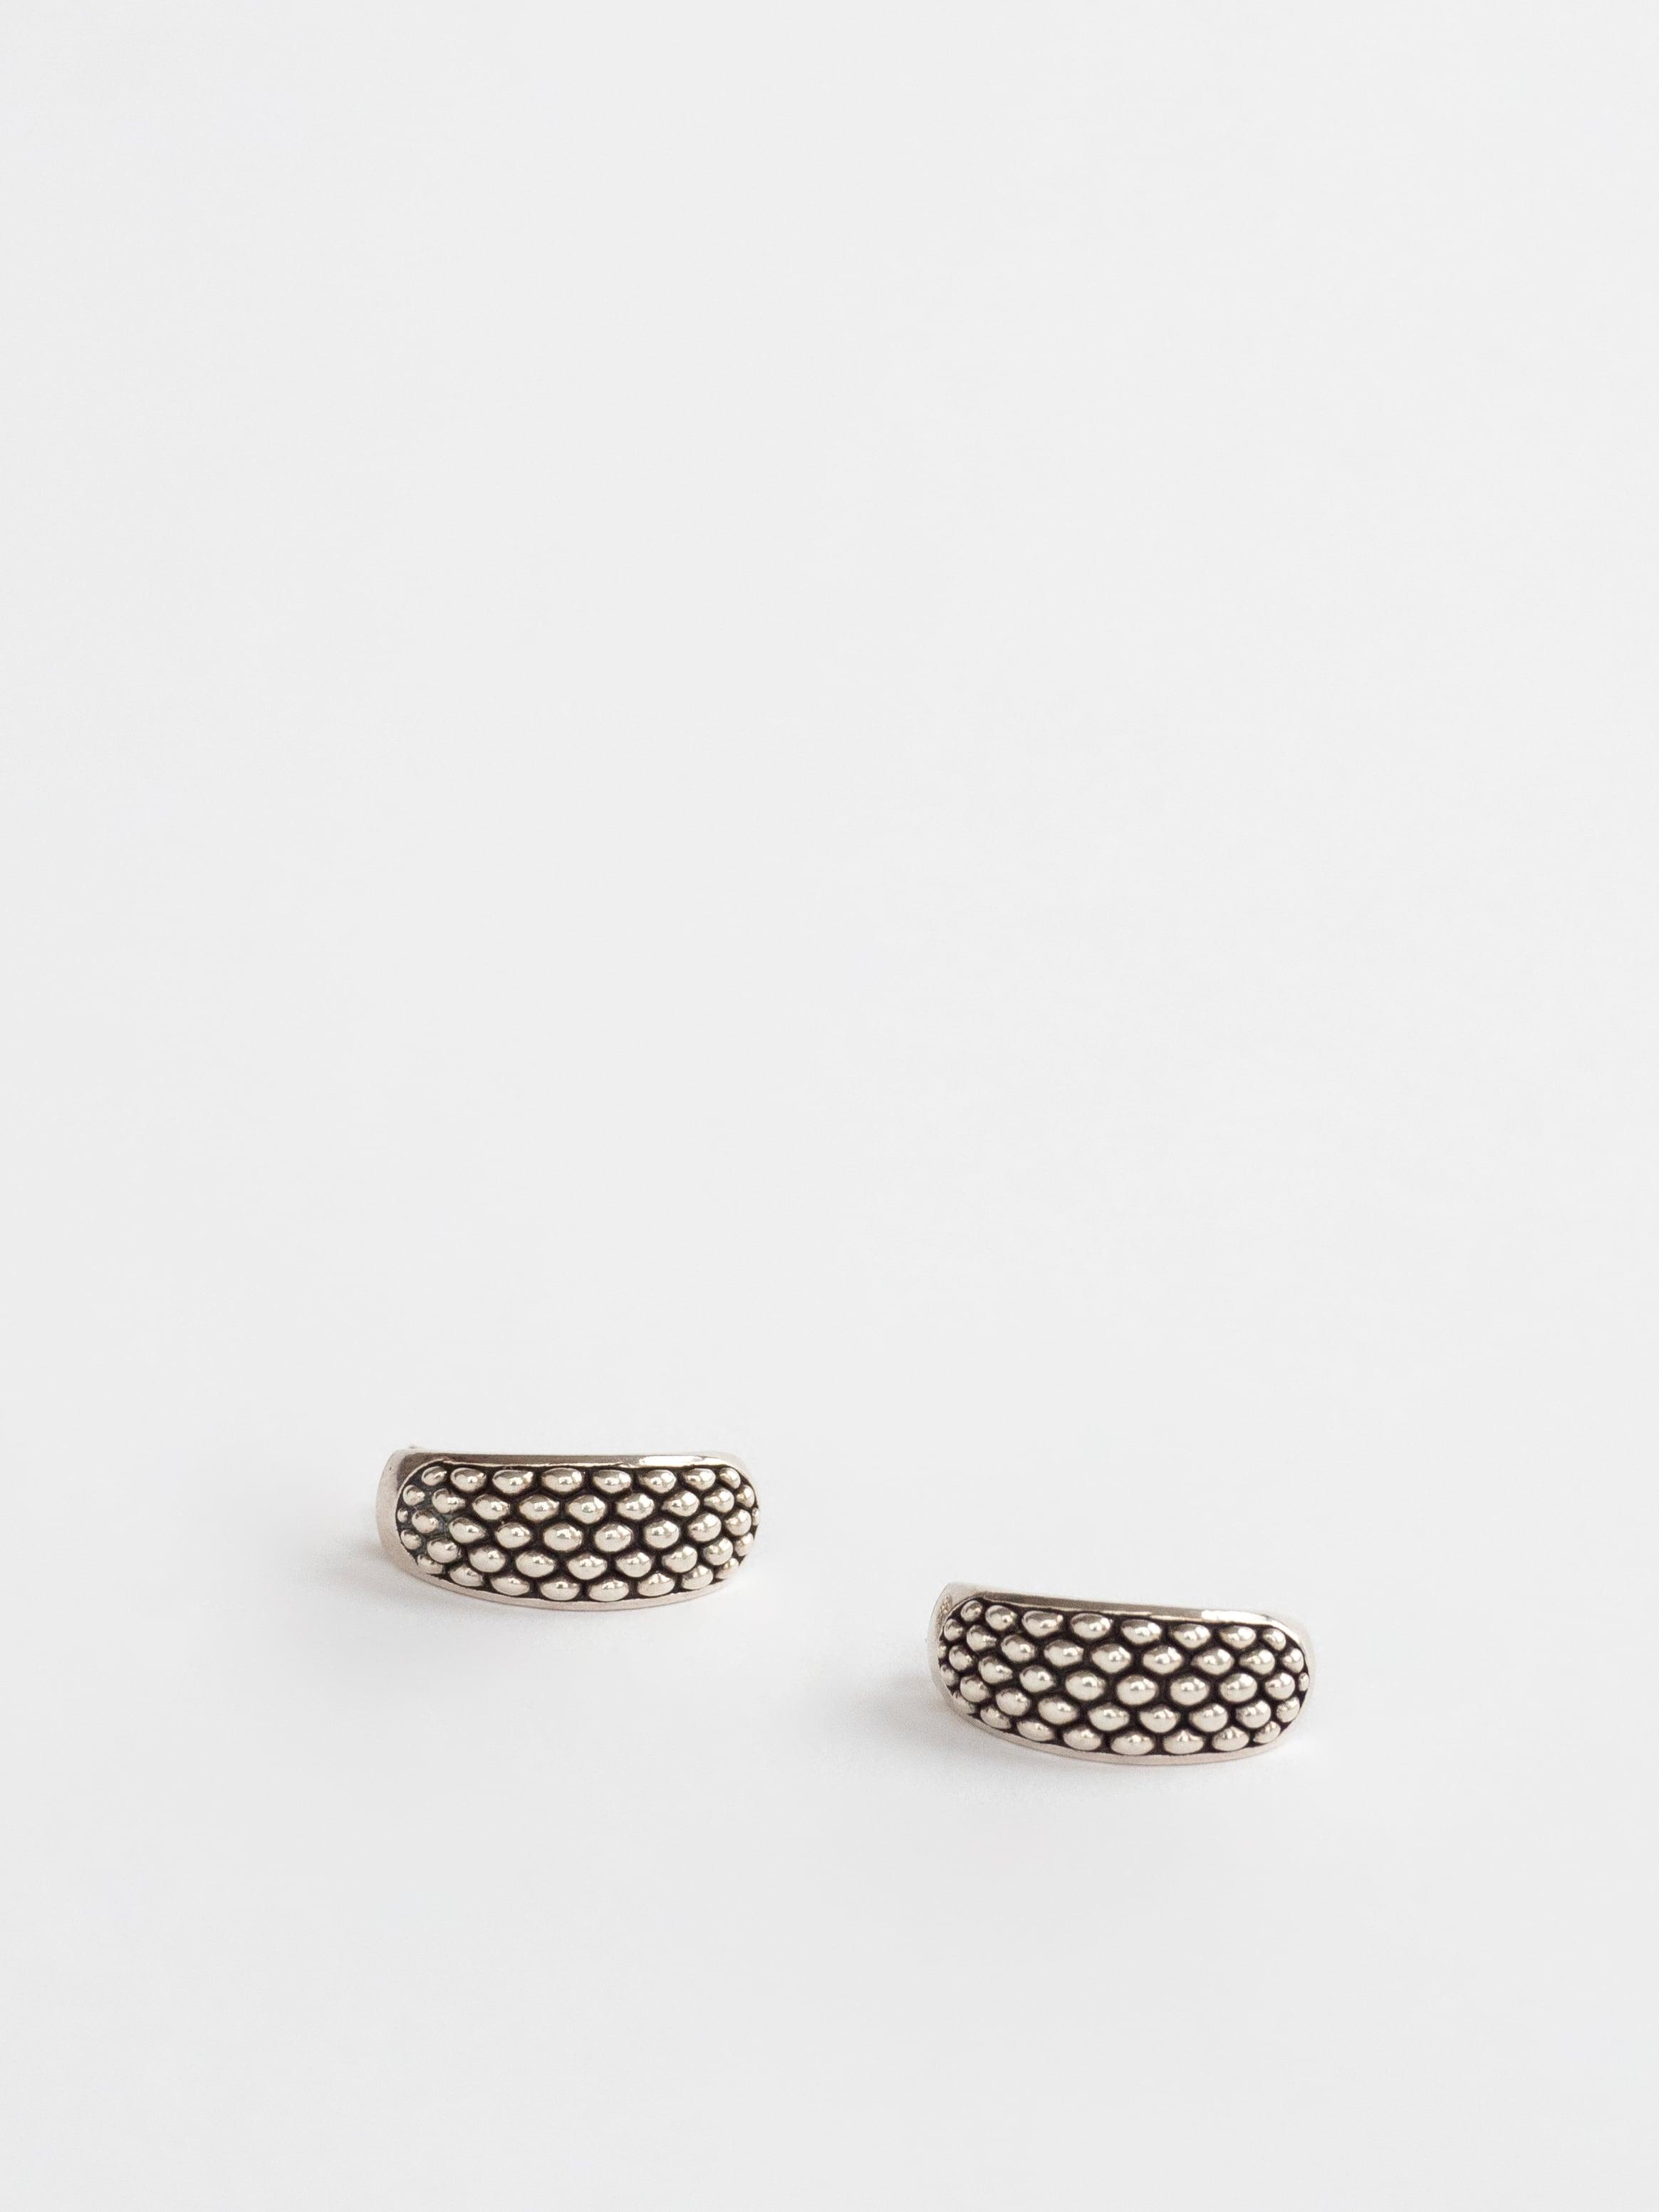 Dot Hoop Pierced Earring / Carol Felley